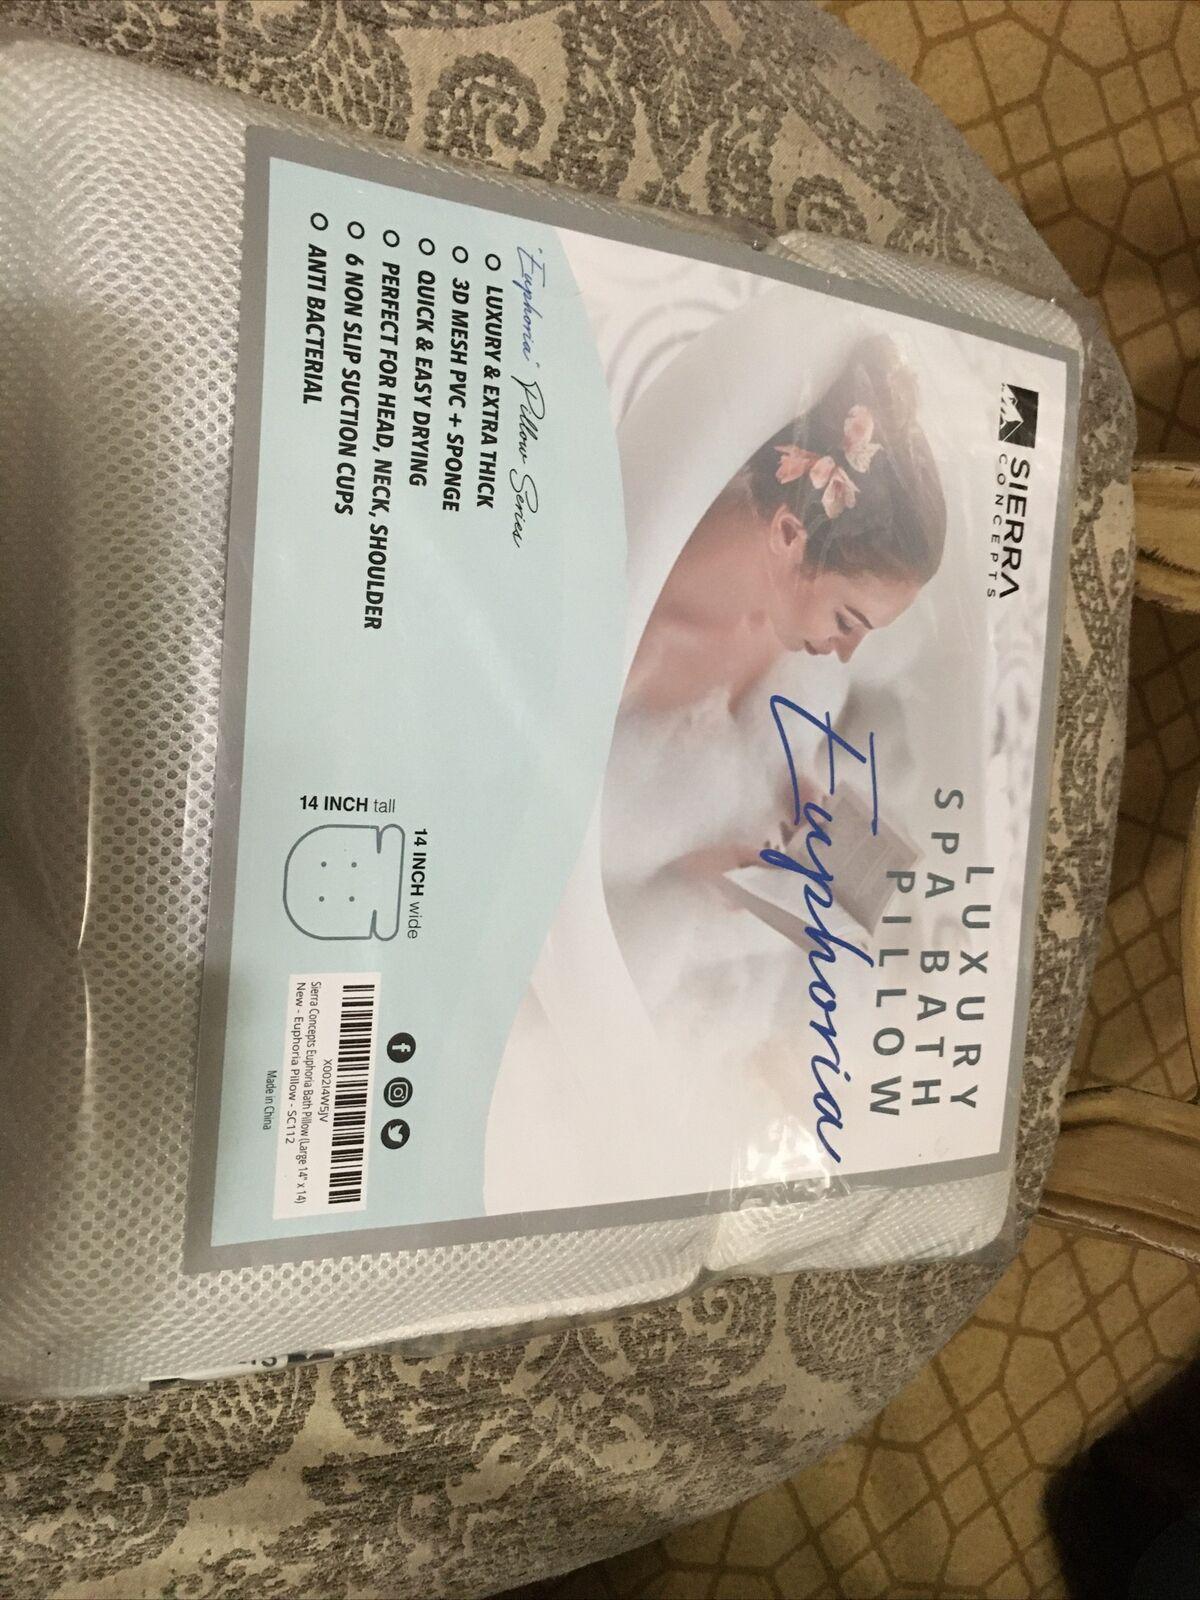 #A1 Sierra Concepts Bliss Luxury Spa Bath Pillow for Bathtub (14